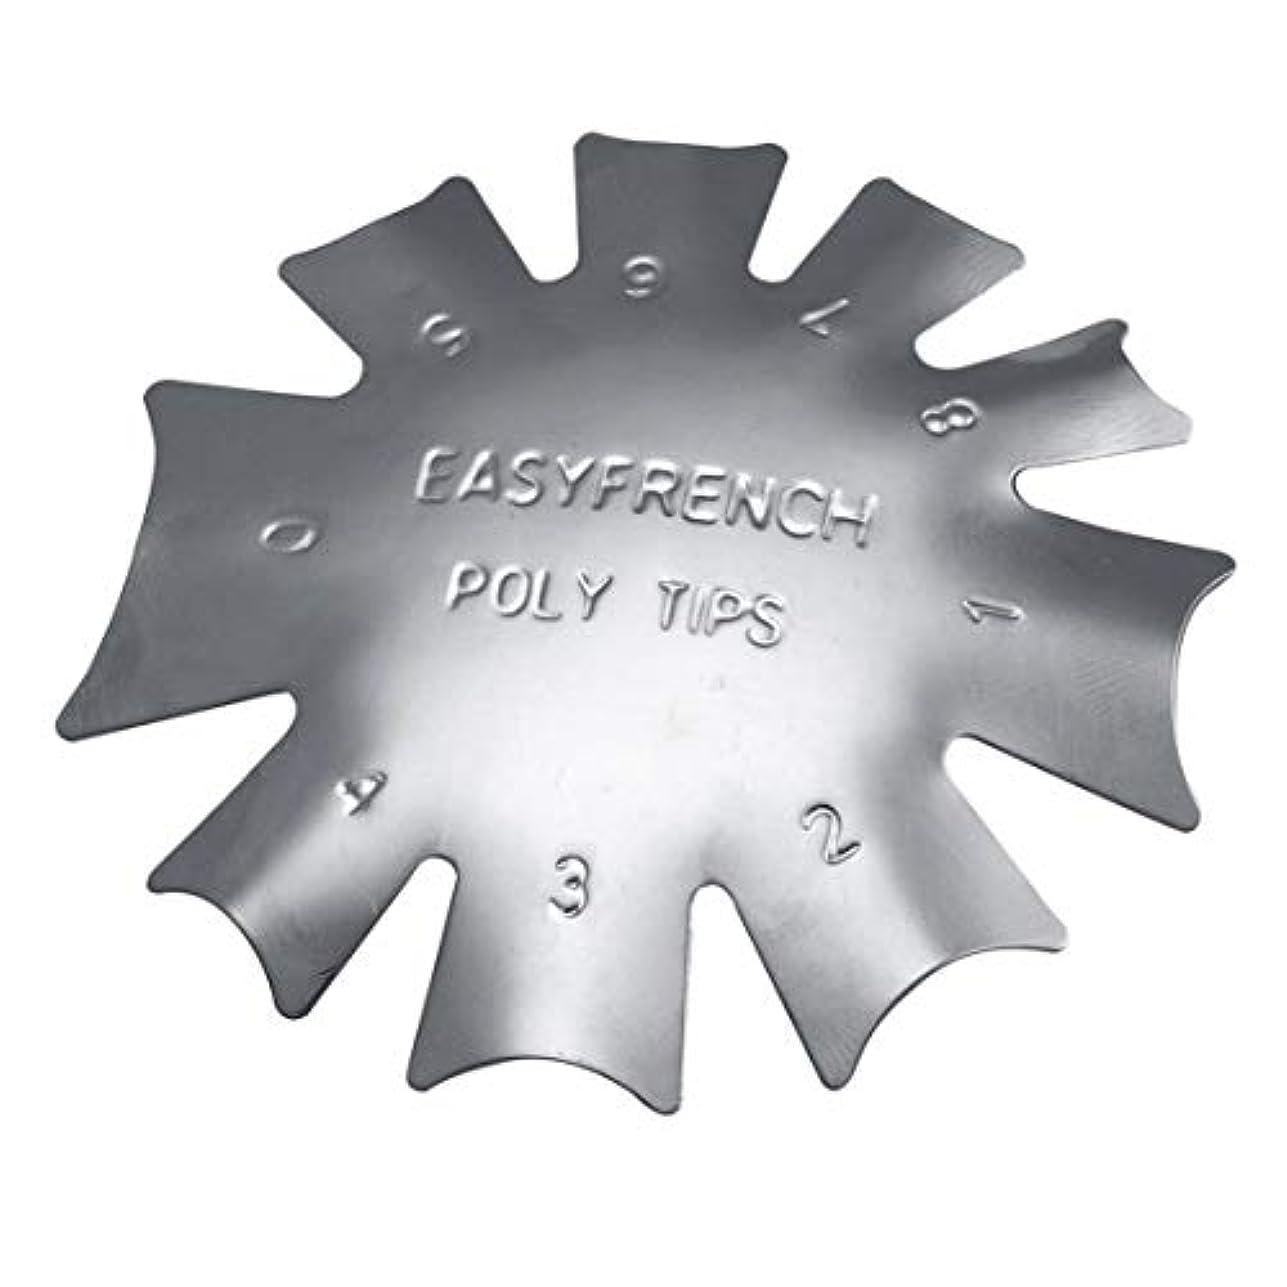 ご覧くださいニッケル抑圧3ピース/セット丈夫な金属ステンレス鋼フレンチマニキュアモデリング整形プレートクリスタルネイル作りスタンピングプレート